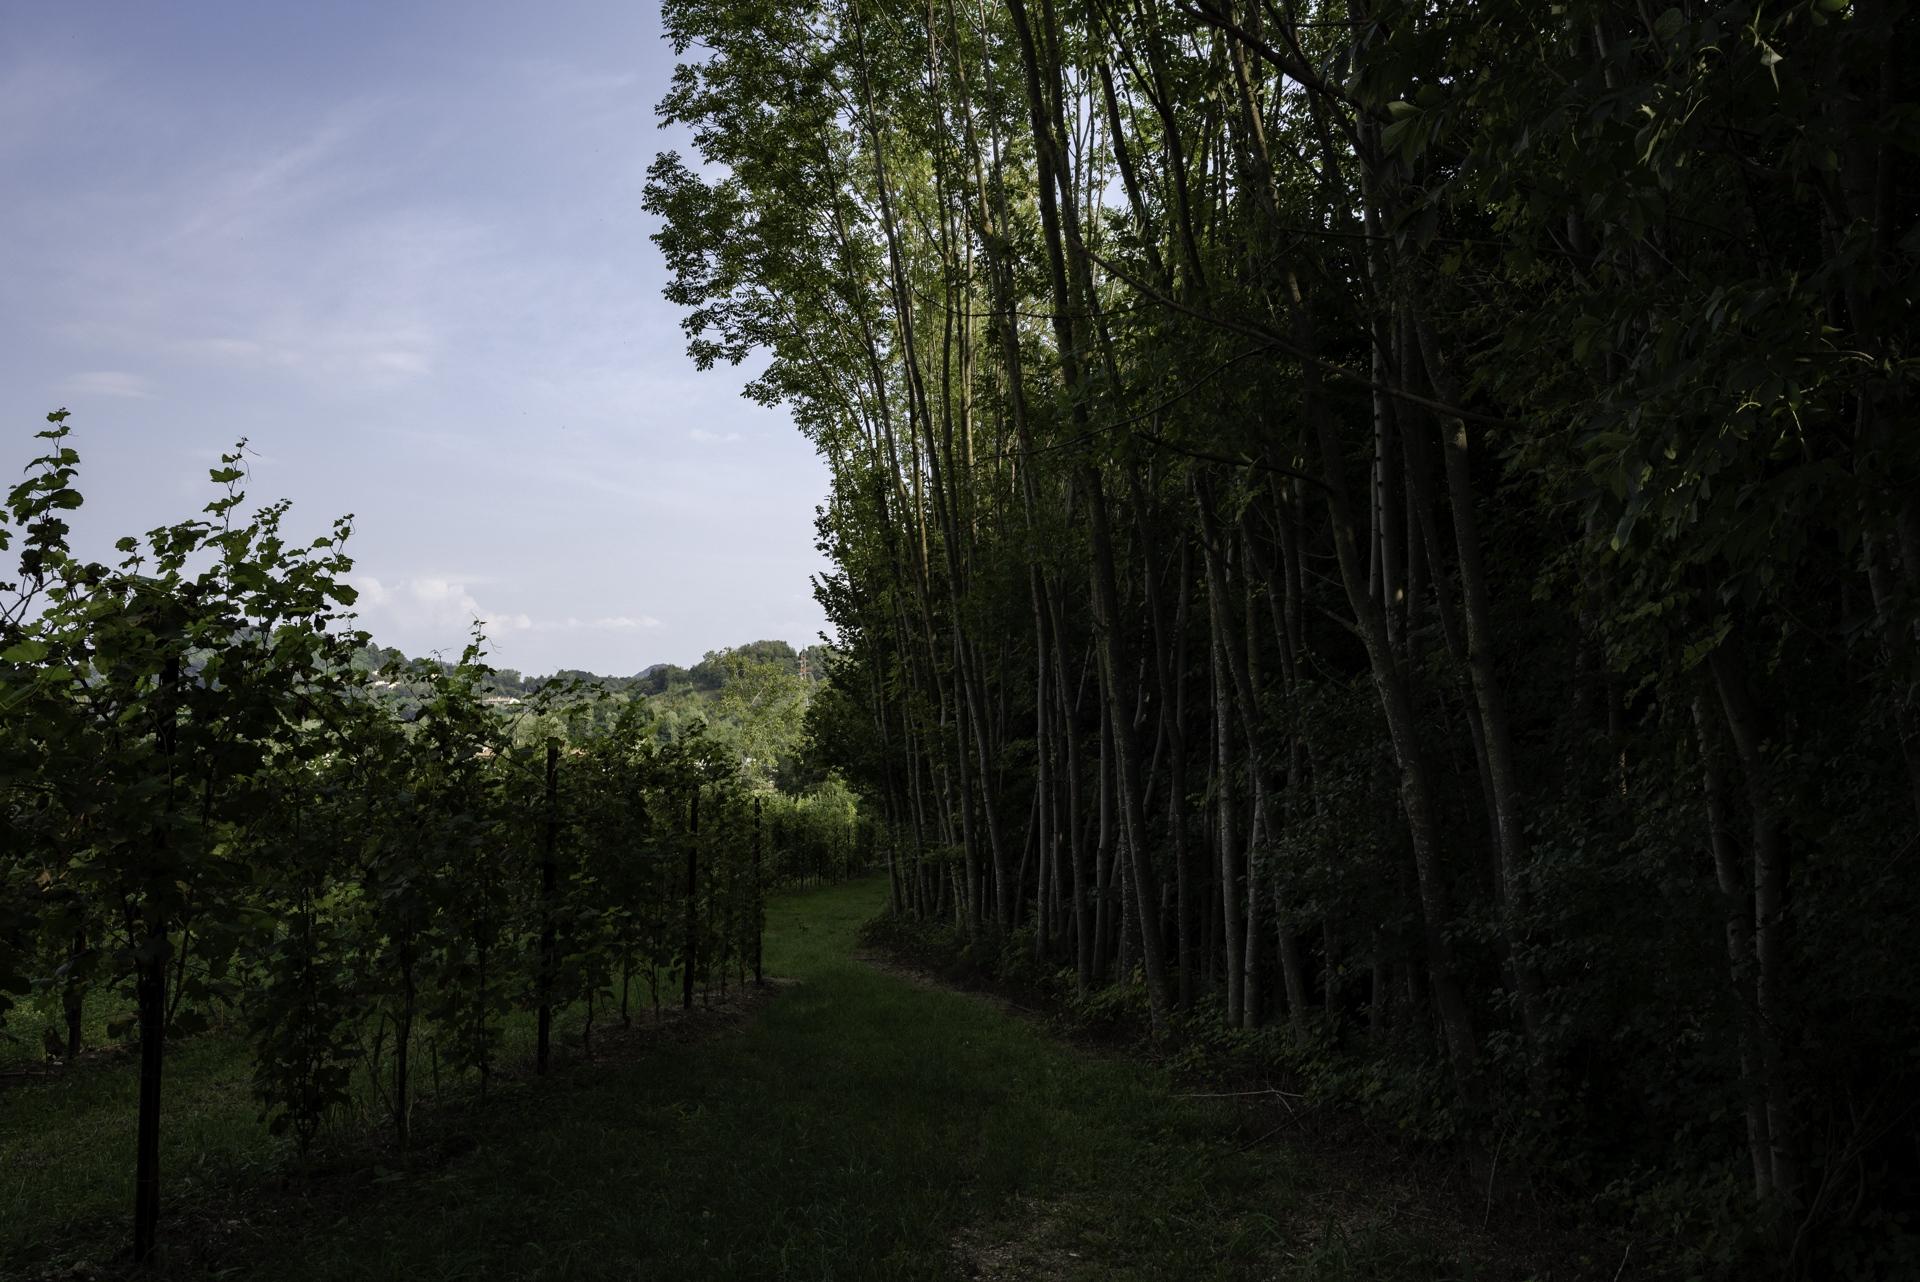 Nonostante sia una zona caratterizzata da terreni umidi quella di Cavaso ha visto recentemente l'installazione di nuovi impianti. Per liberare spazi utili sono stati disboscati ampie porzioni di boschi e siepi secolari tipiche del territorio. Cavaso del Tomba (TV).